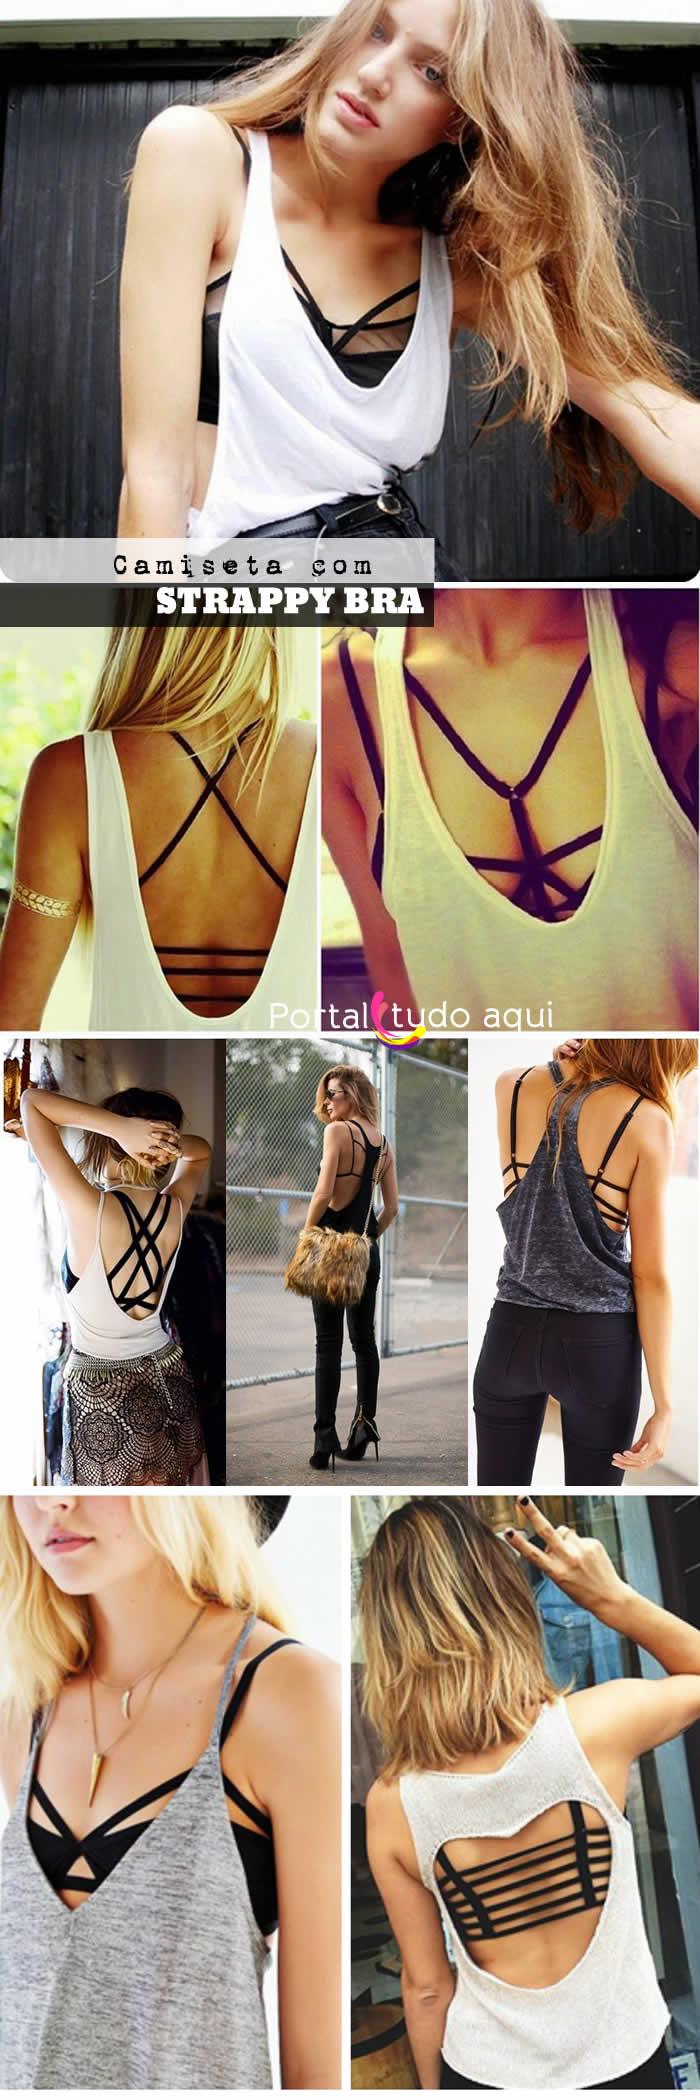 Strappy Bra - Tendência de moda para usar já